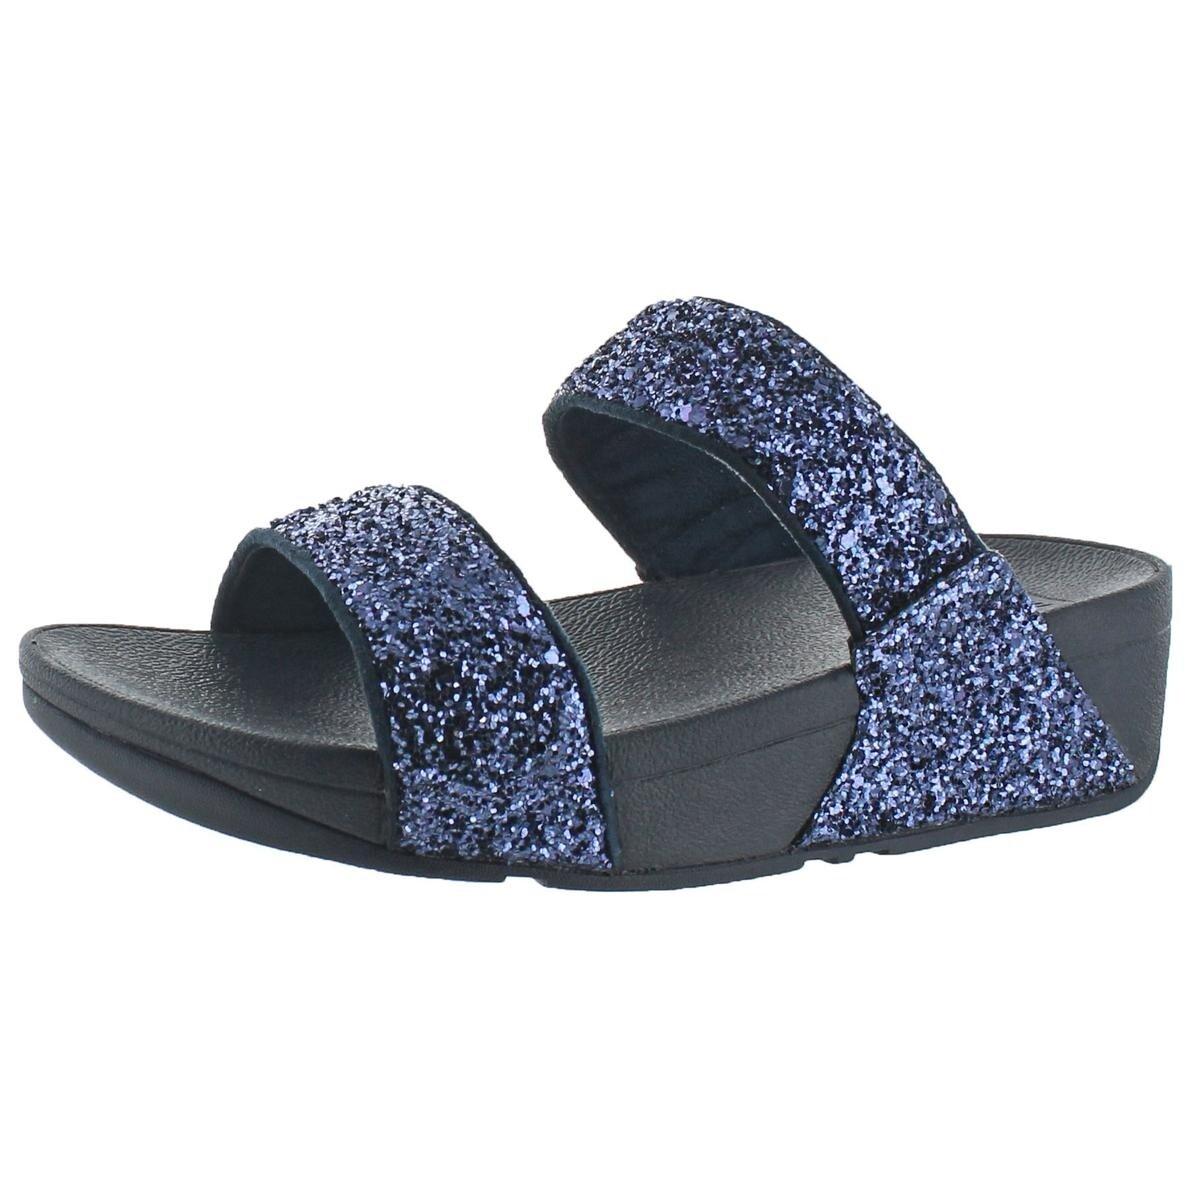 2916b95db Shop Fitflop Womens Glitterball Slide Slide Sandals Nubuck Slip On - 6  Medium (B